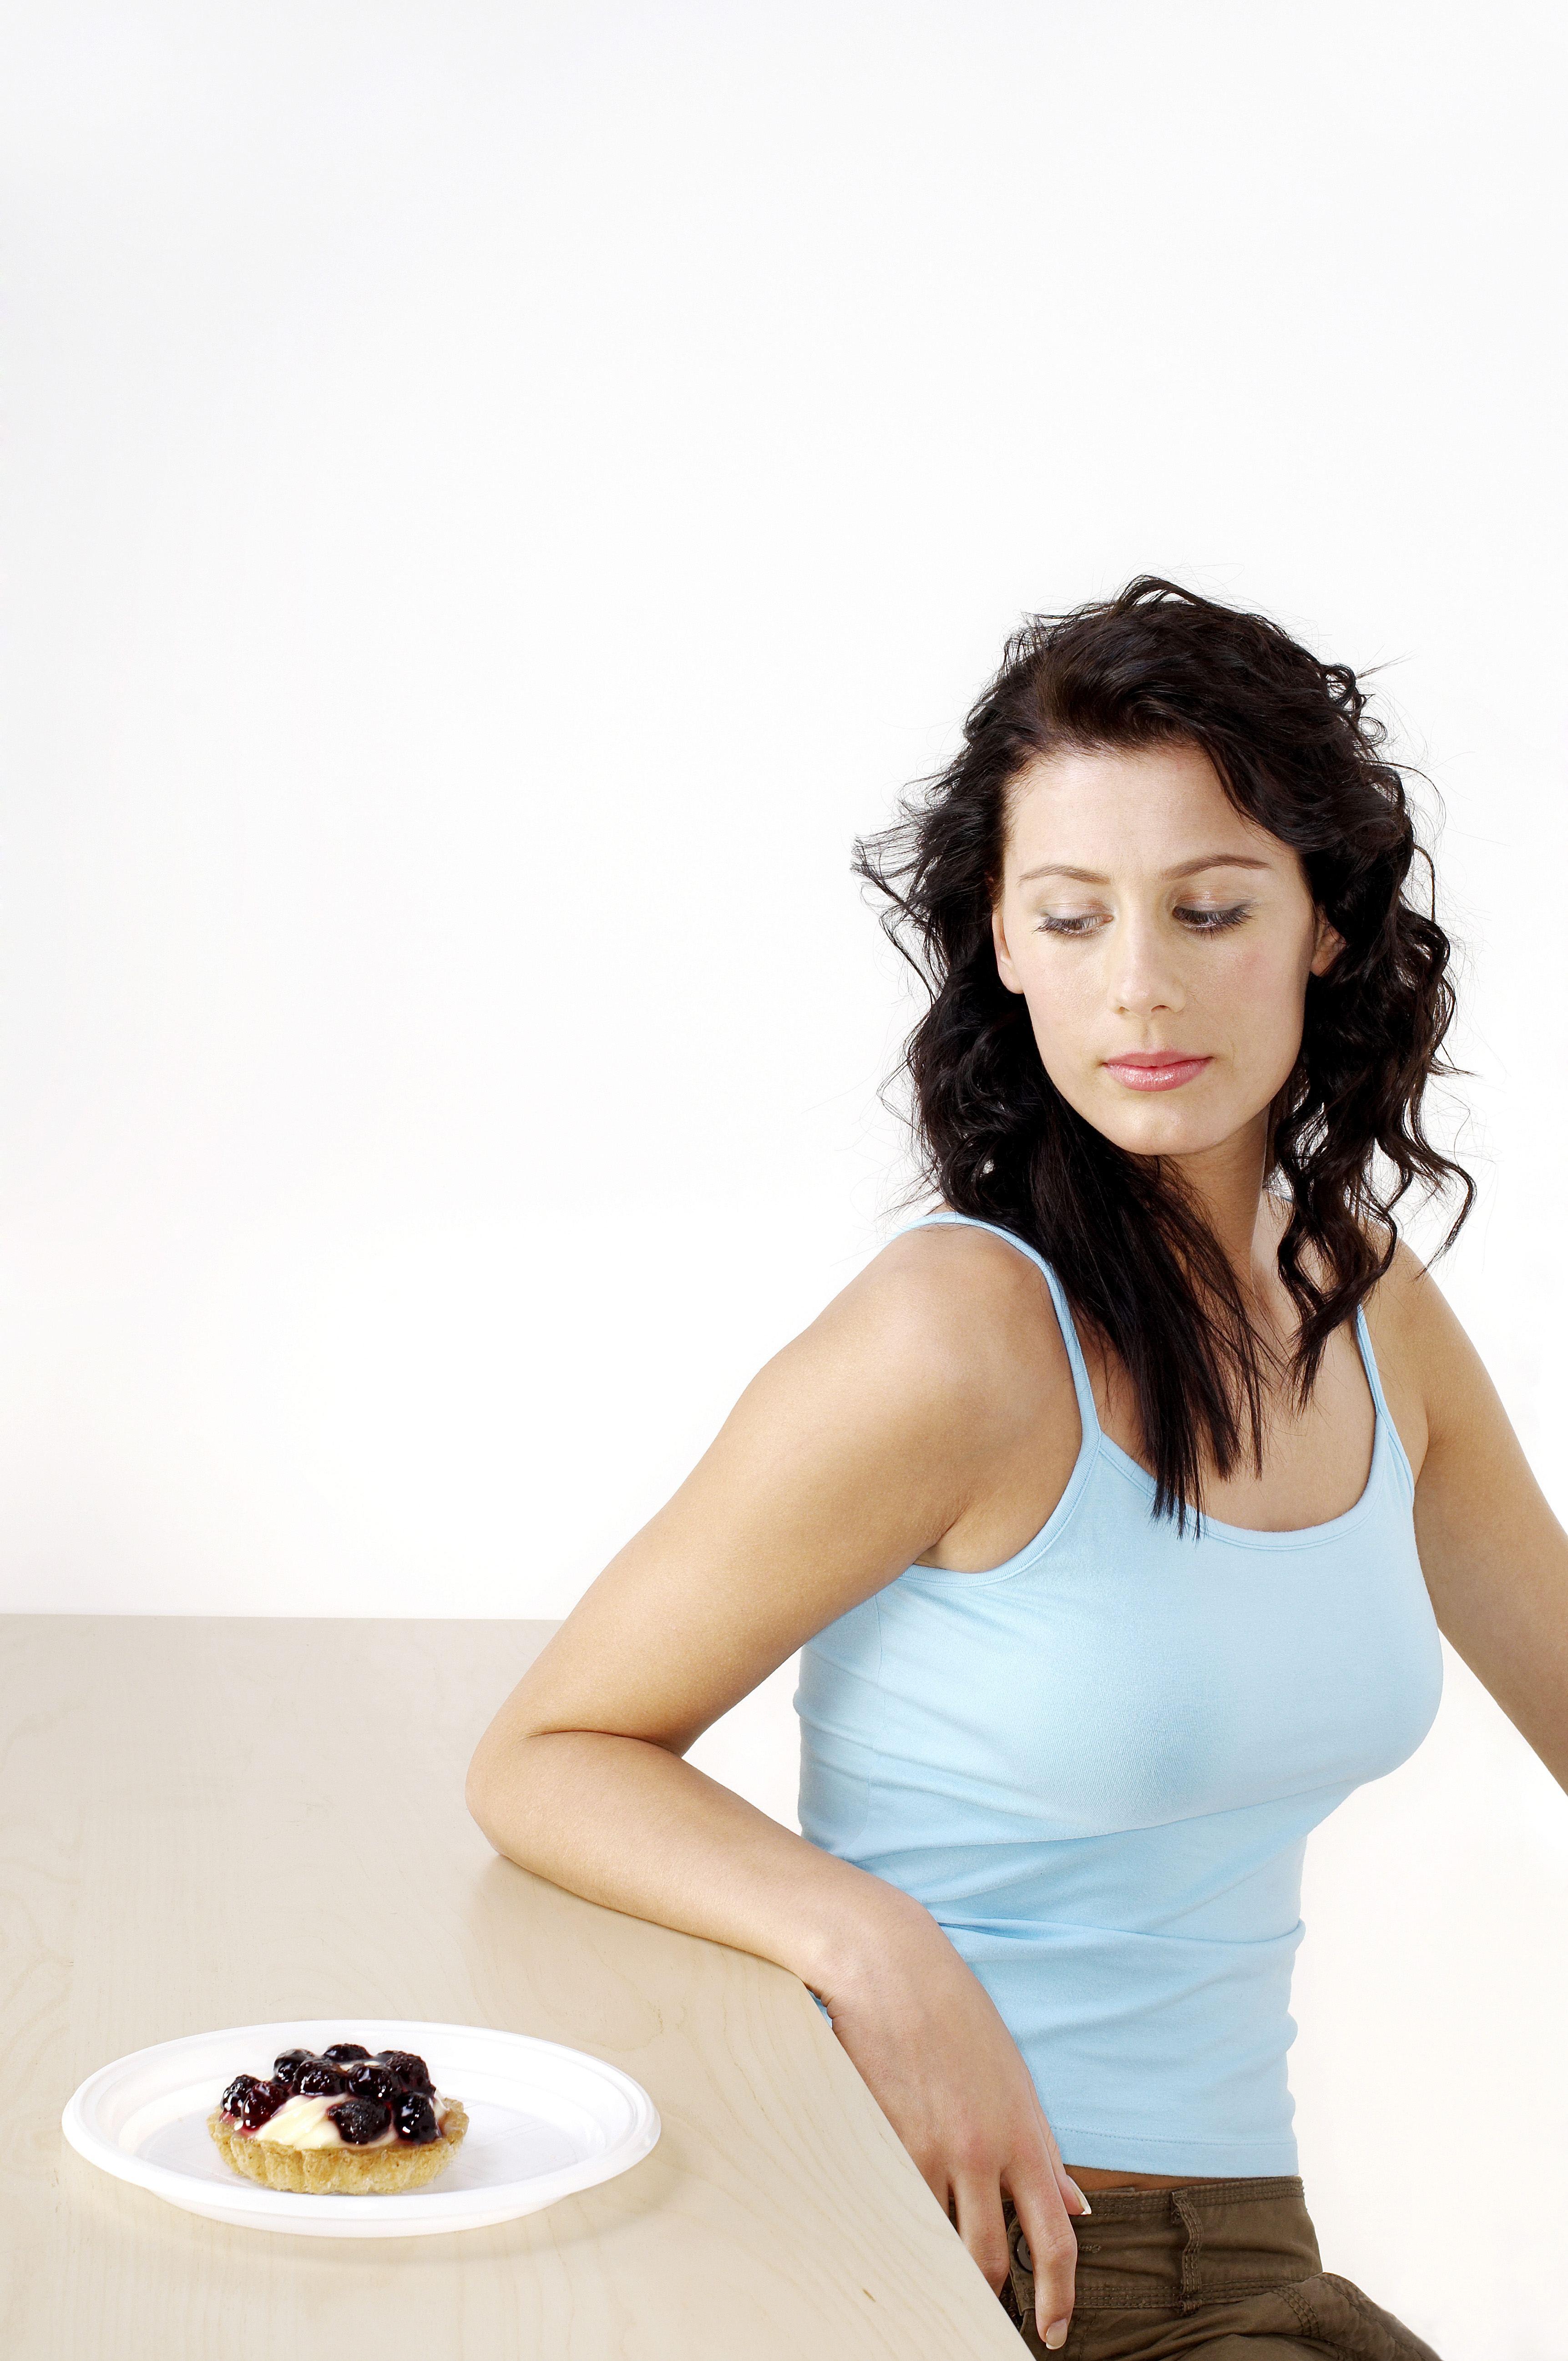 Céder à la tentation alors qu'on souhaite perdre du poids ?